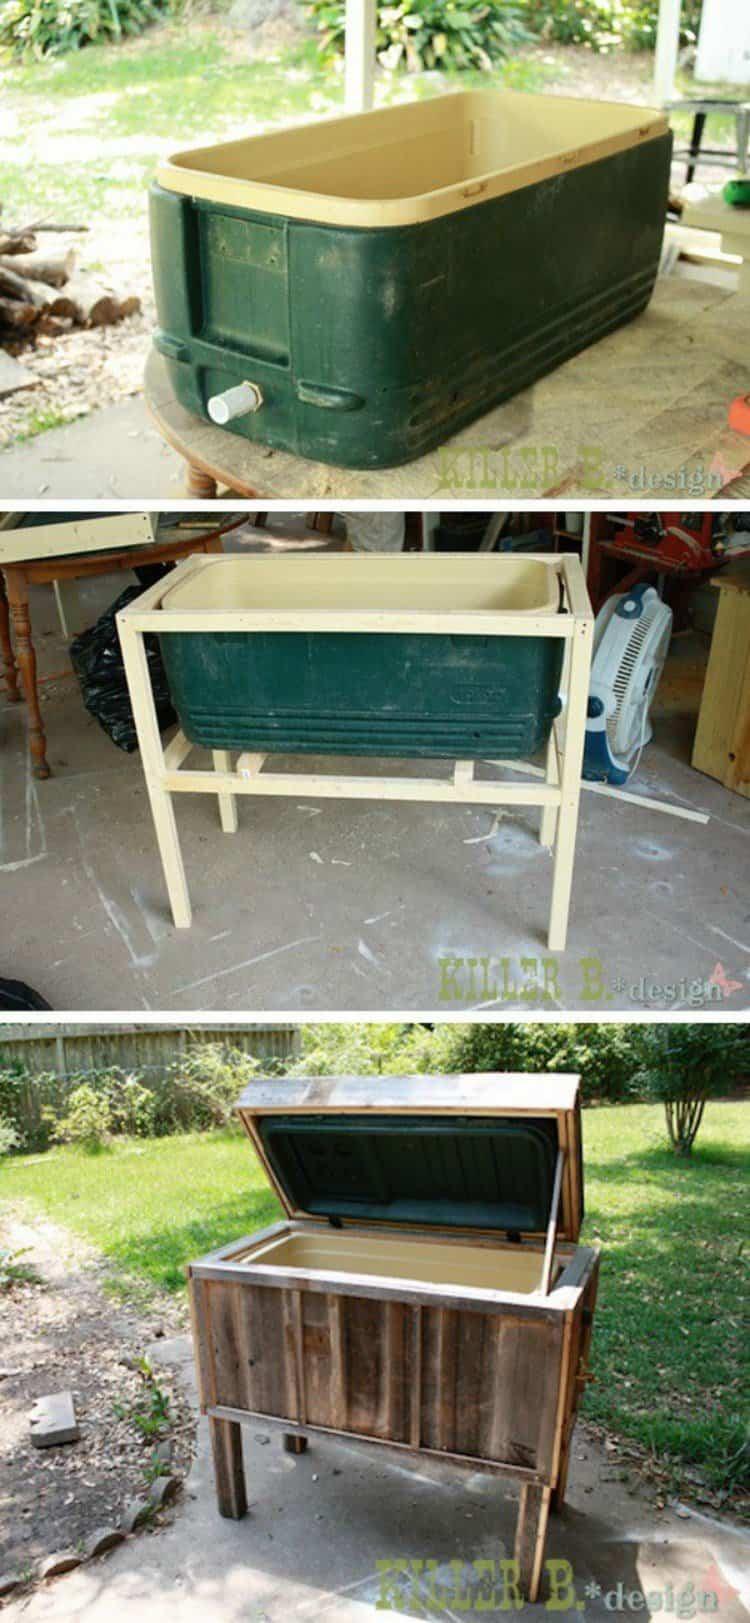 12 ideas para reciclar muebles viejos y darles una segunda for Reciclar muebles viejos